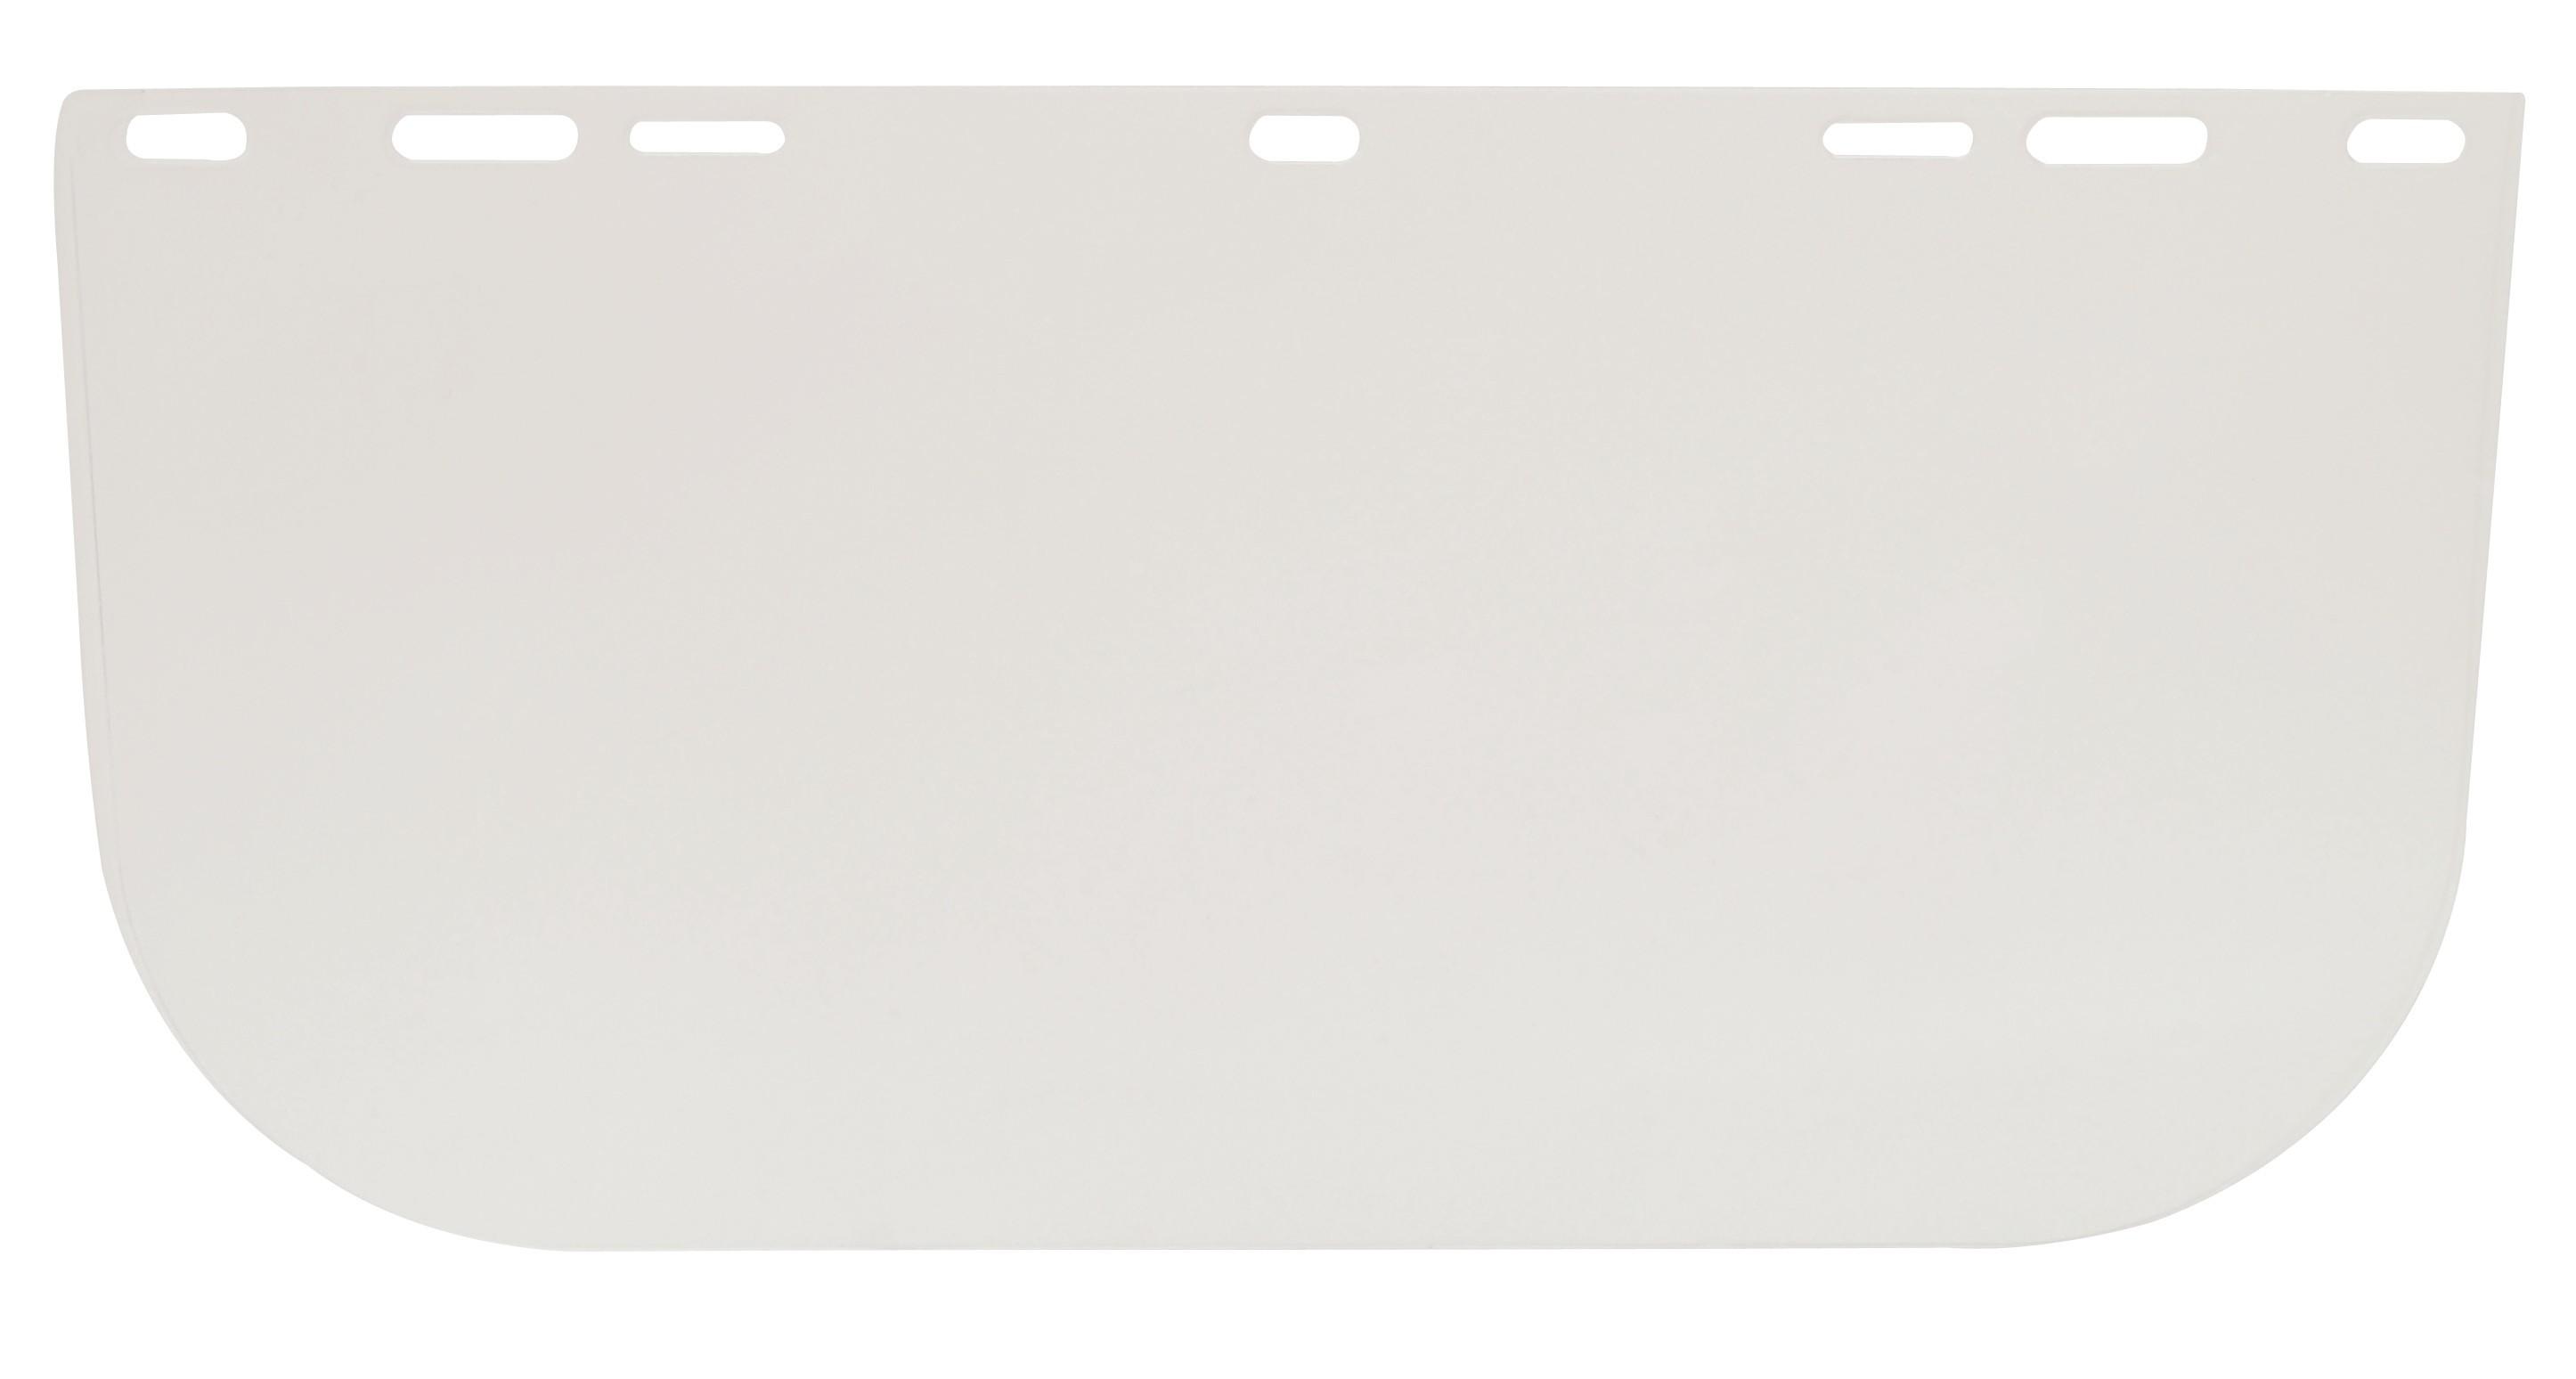 60710 - Polikarbonát arcvédő látómező, 195 x 430 mm